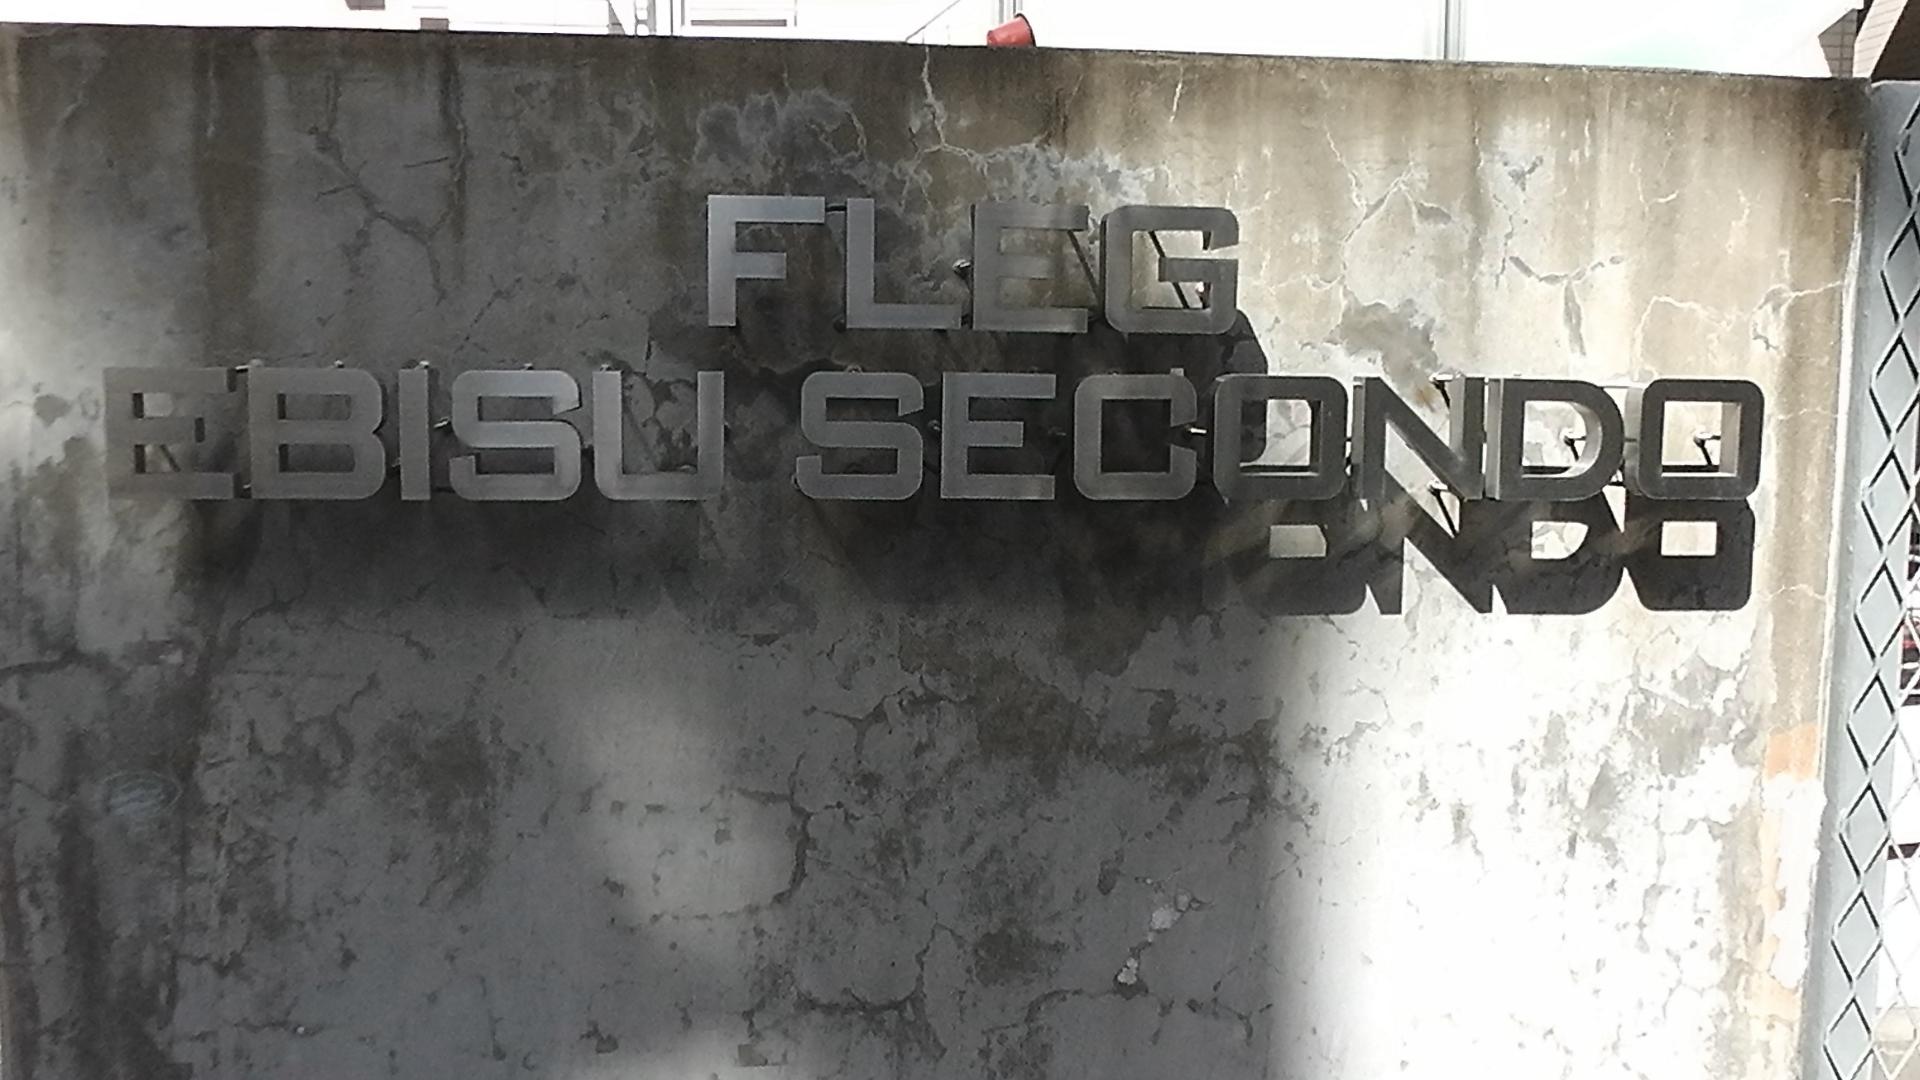 FLEG恵比寿secondo